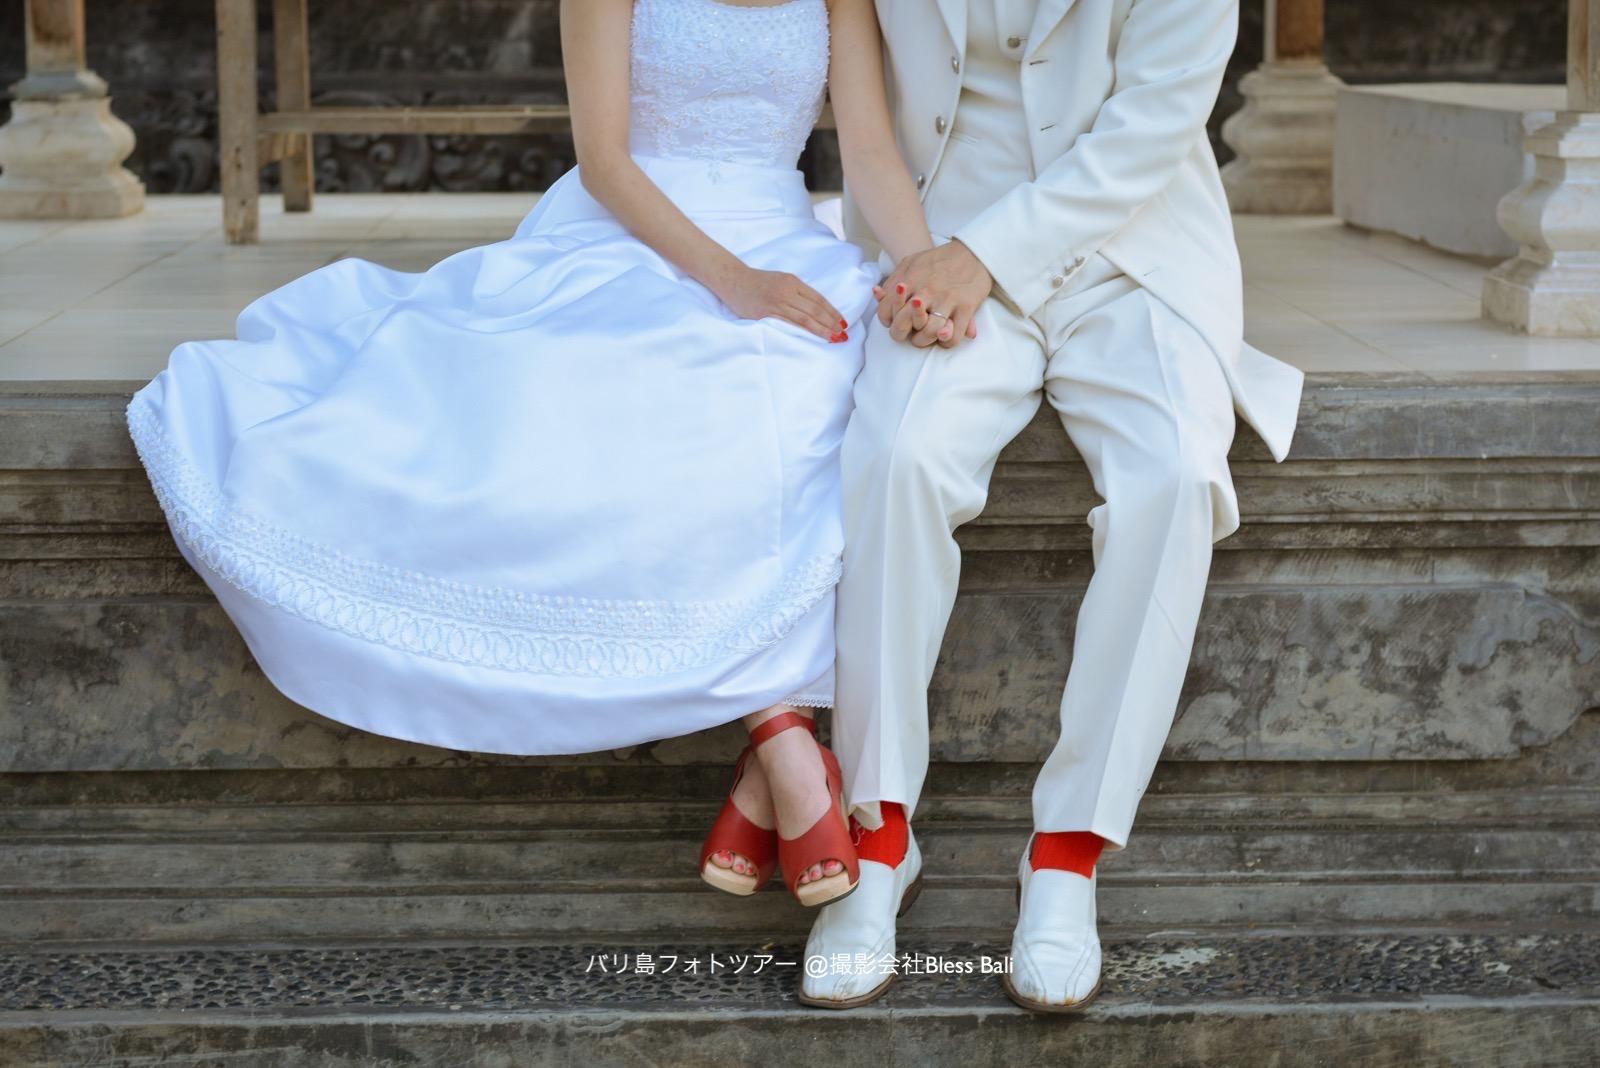 バリ島フォトツアー 赤い靴と靴下